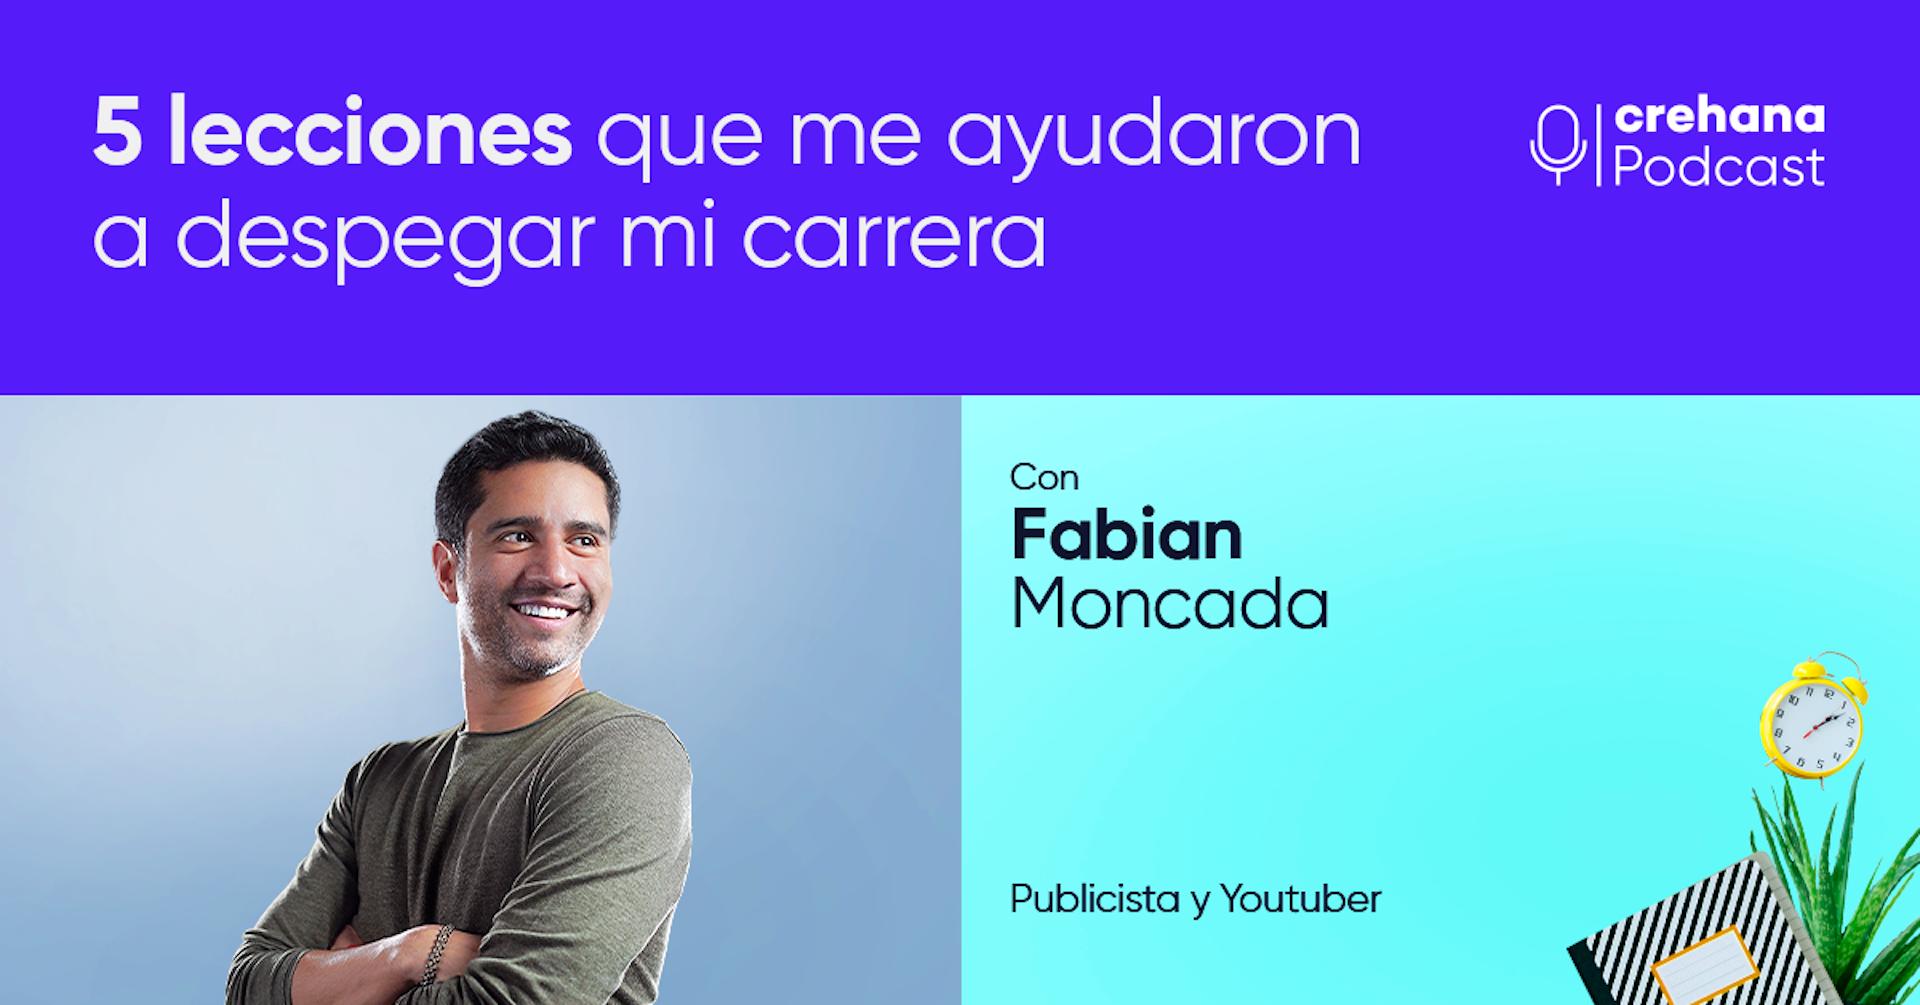 Crehana Podcast: Fabian El Publicista nos cuenta 5 lecciones que despegaron su carrera